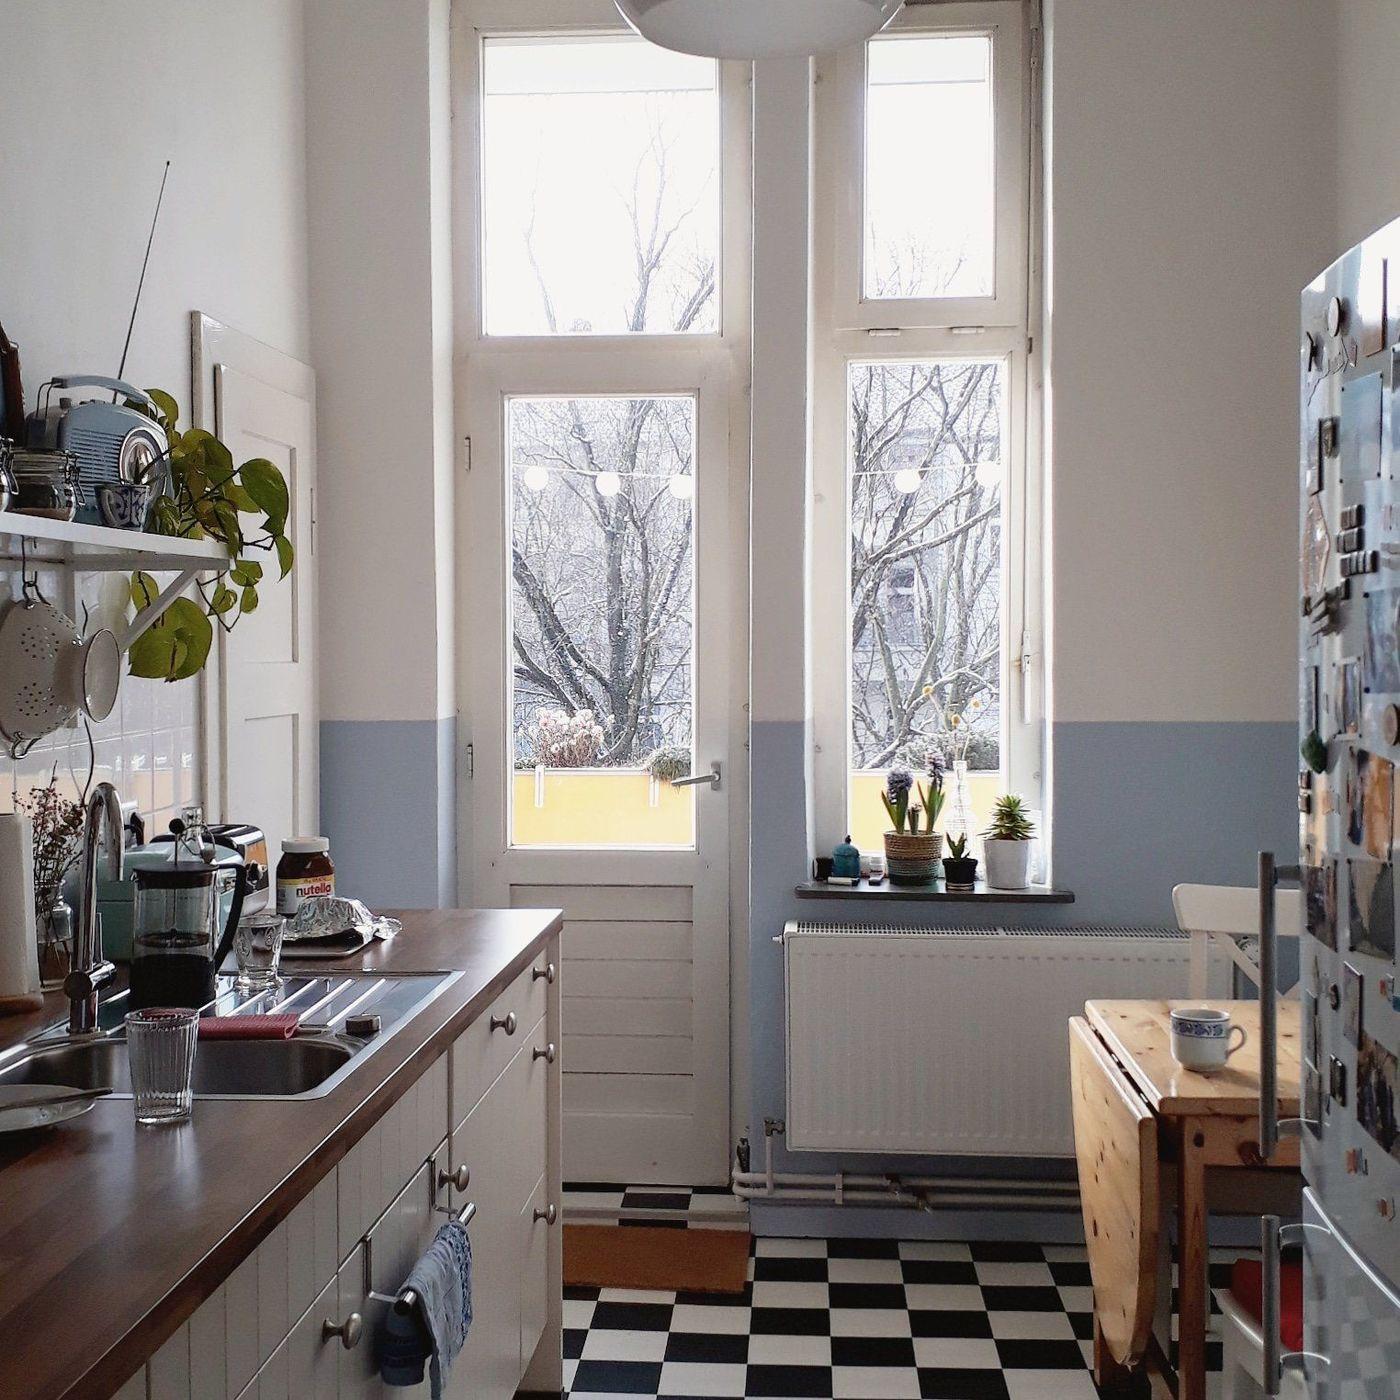 Küche Einrichten Ideen: Küche: Ideen Zum Einrichten